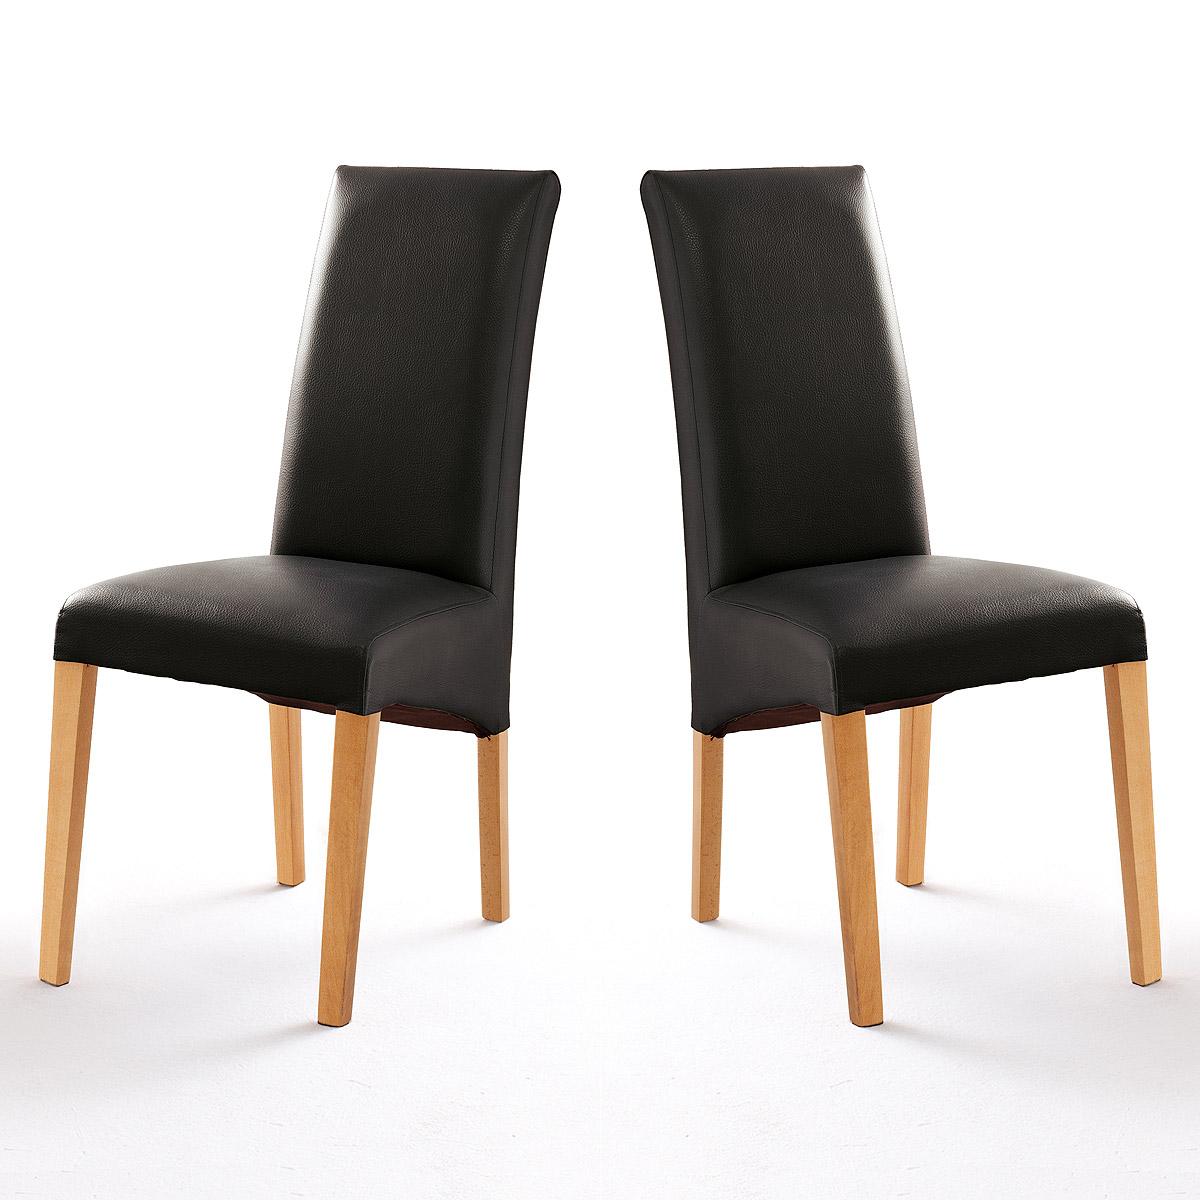 stuhl foxi 2er set polsterstuhl esszimmer lederlook. Black Bedroom Furniture Sets. Home Design Ideas